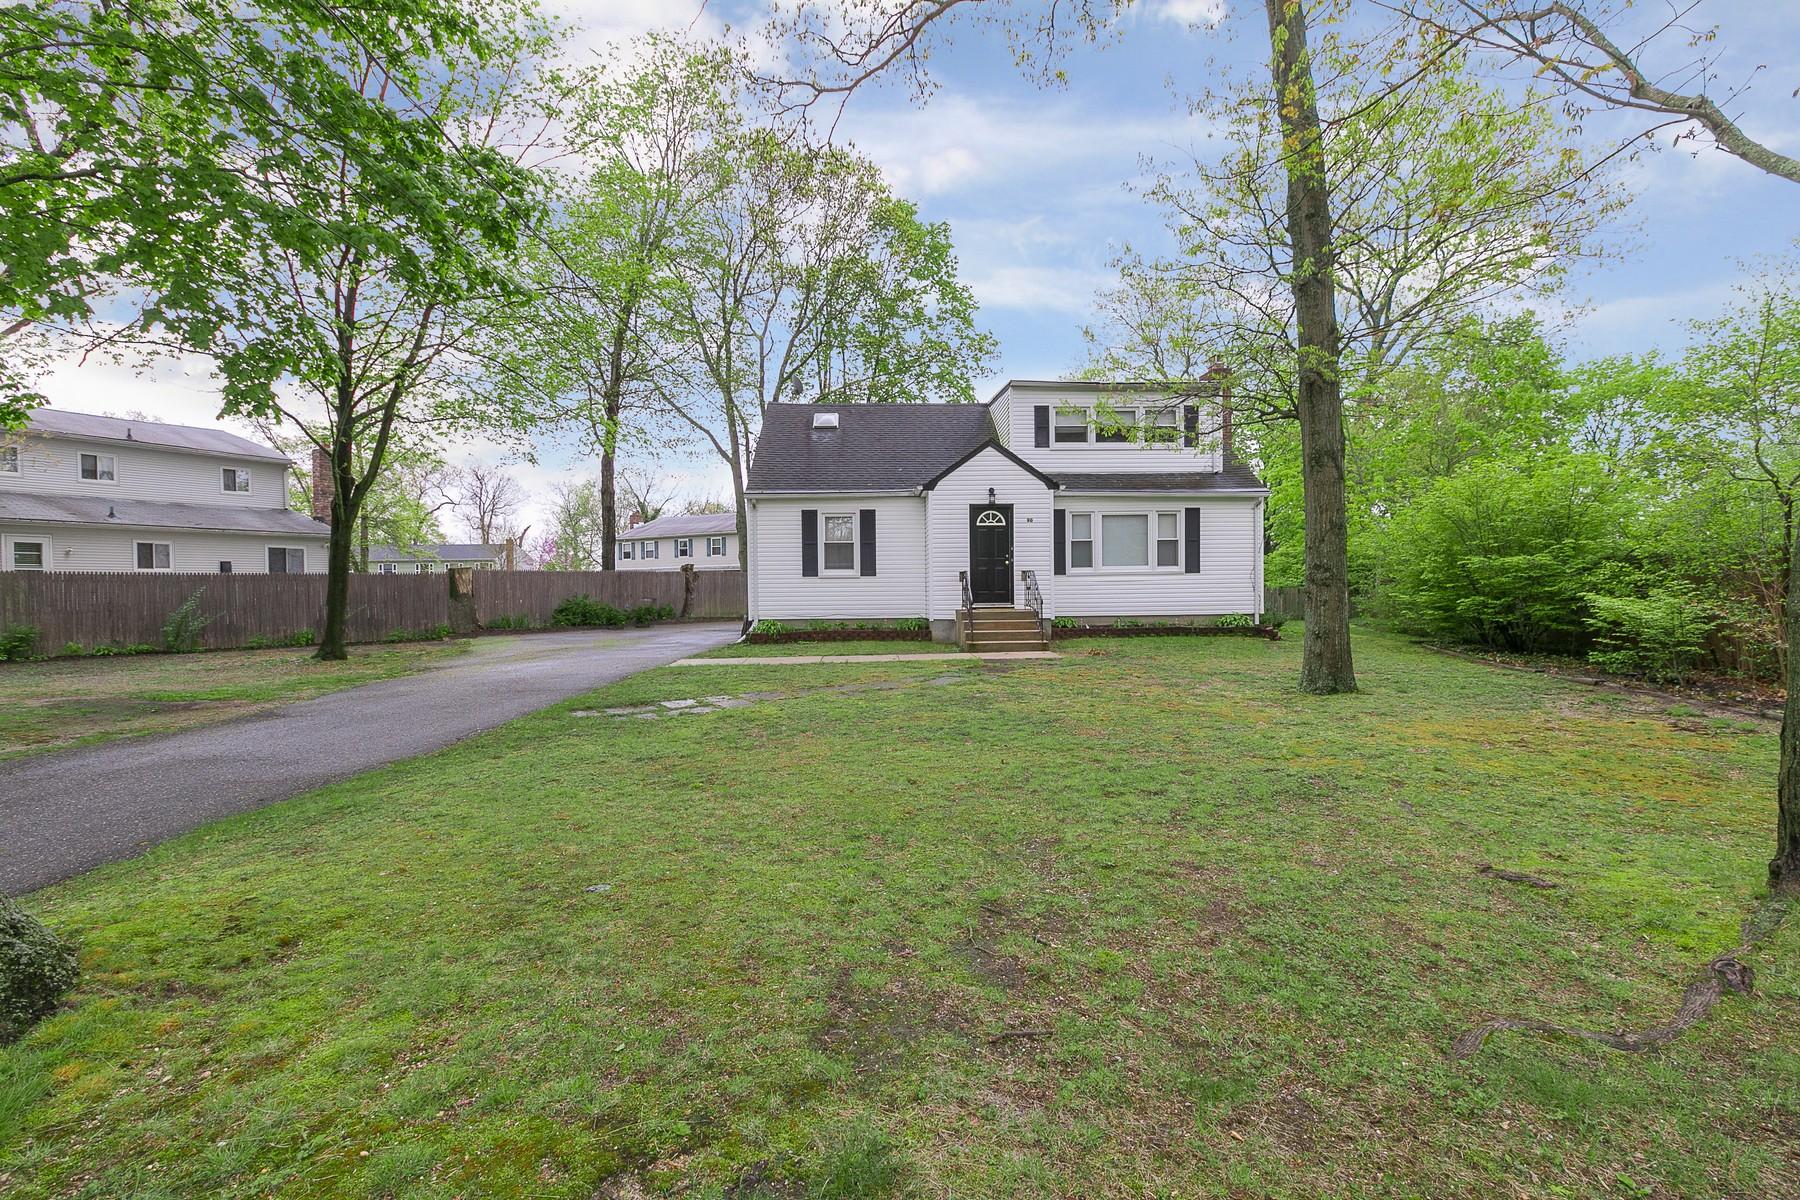 Multi-Family Homes for Active at Smithtown 90 Blydenburg Ave Smithtown, New York 11787 United States